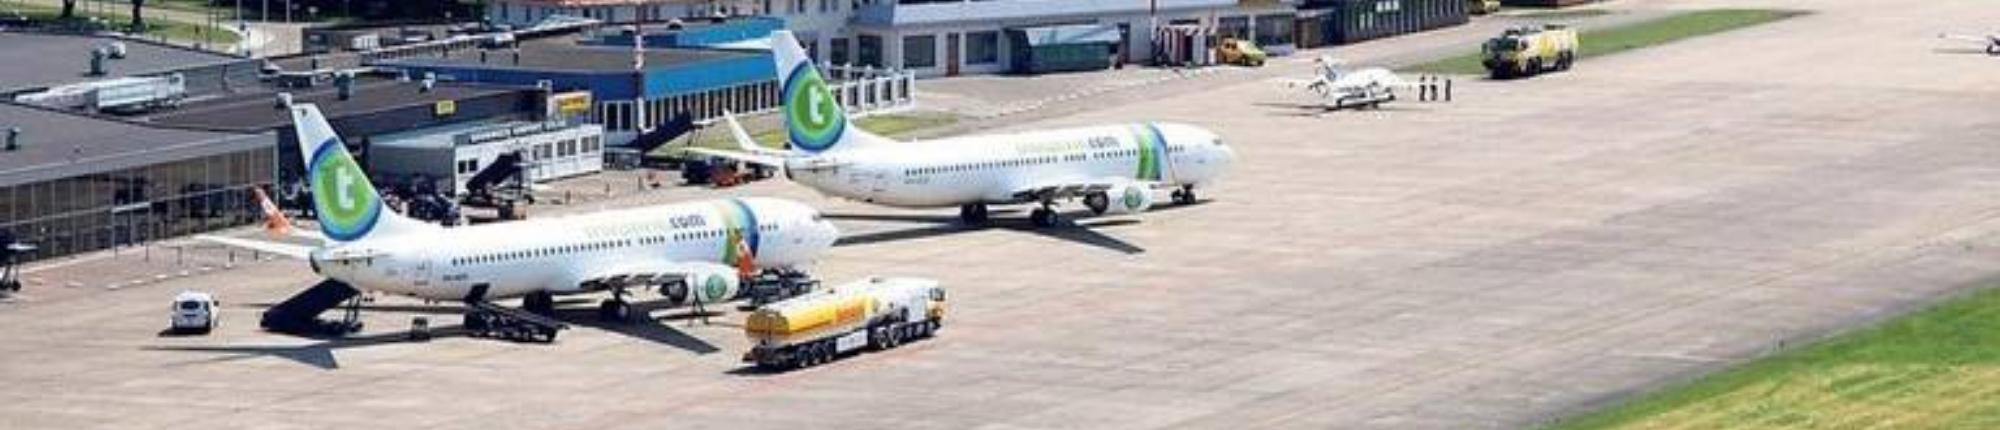 Let's fly away! - Een kijkje achter de schermen bij dé luchthaven van het noorden!